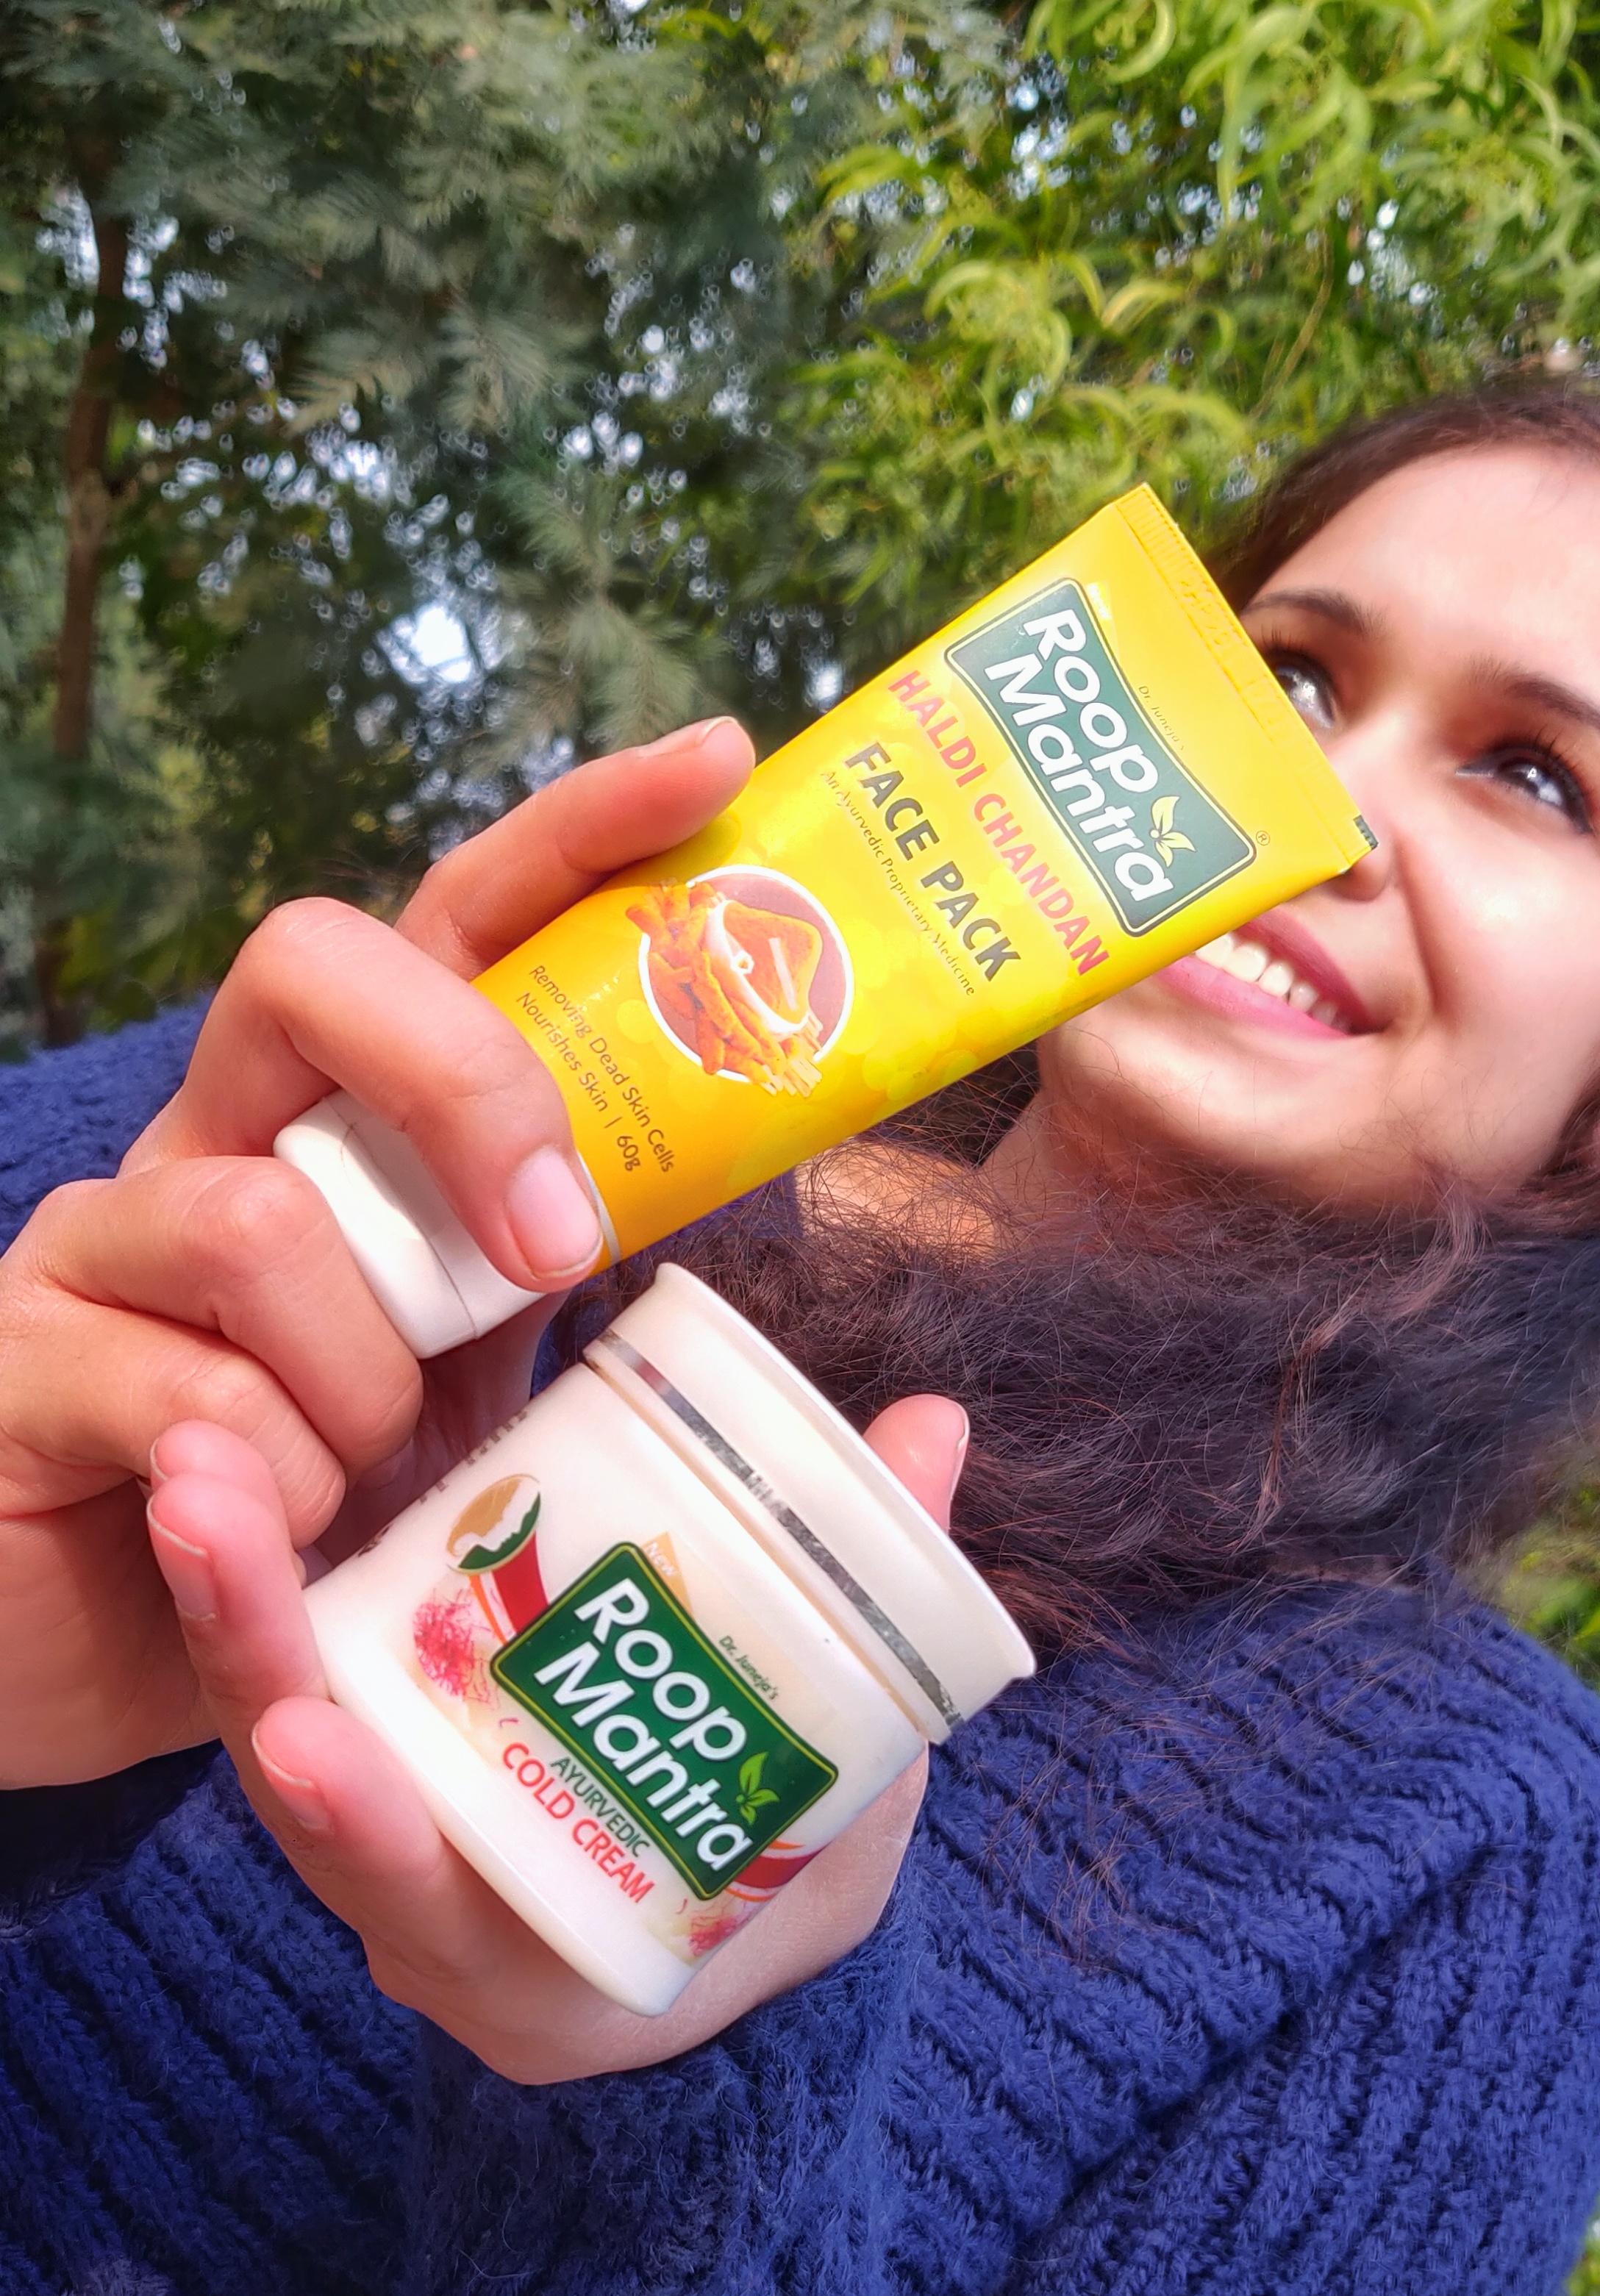 Roop Mantra Cold Cream-Nice-By taniyajoshi13